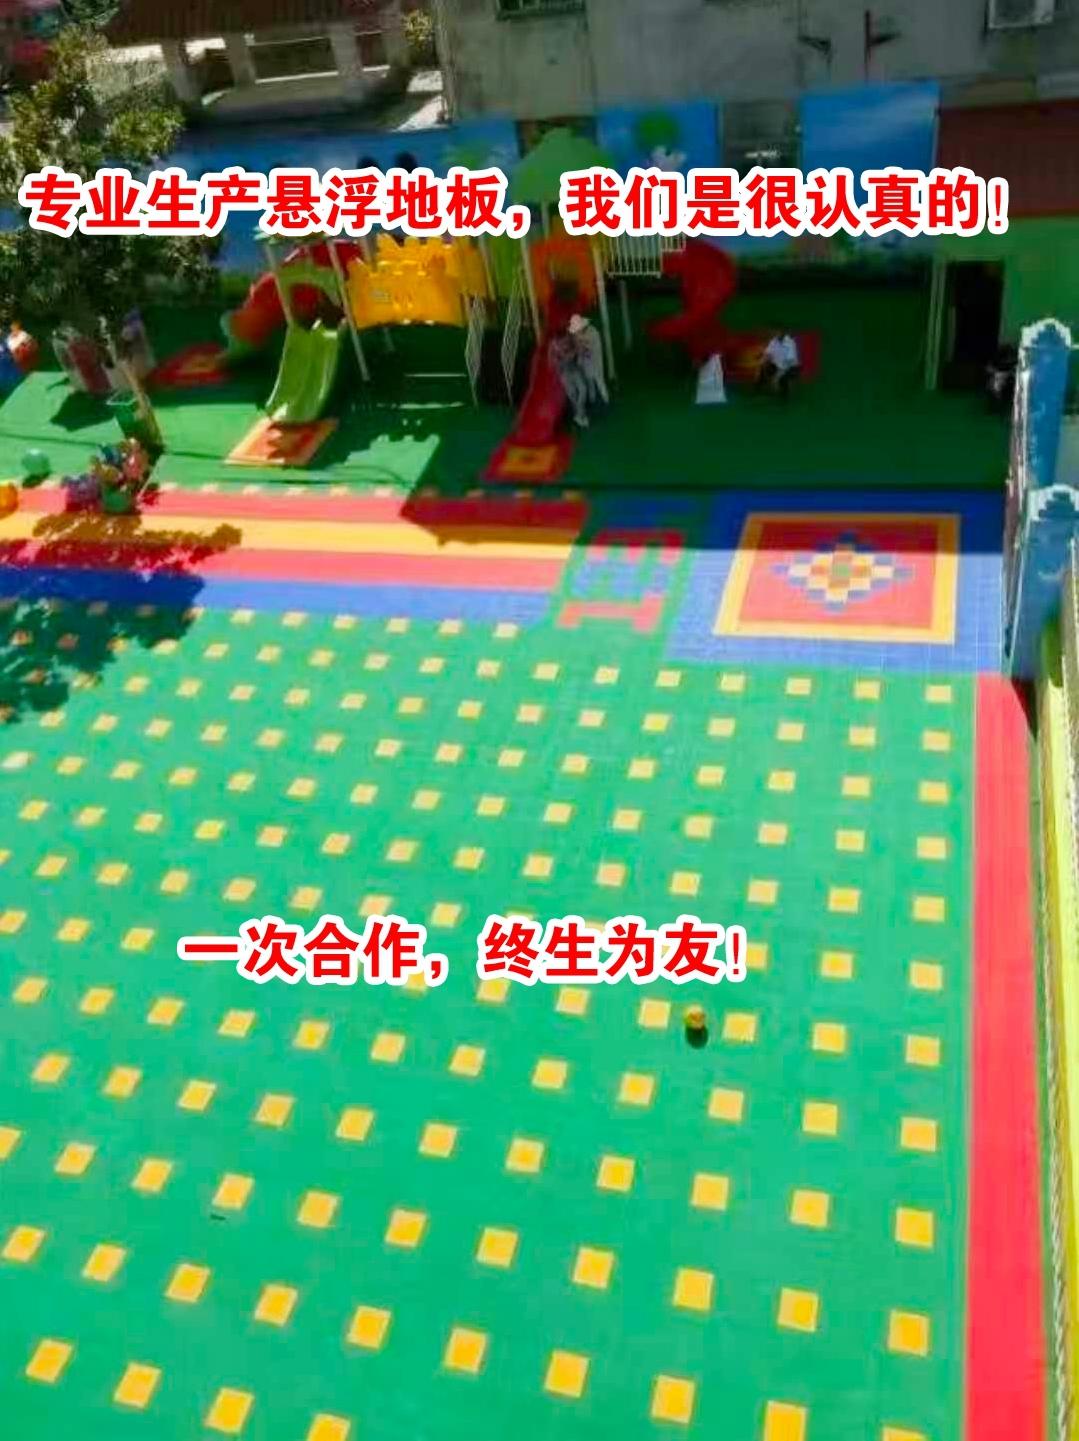 地板地垫轮滑户外幼儿园跑道操场篮球场塑胶馆防滑拼装室外悬浮